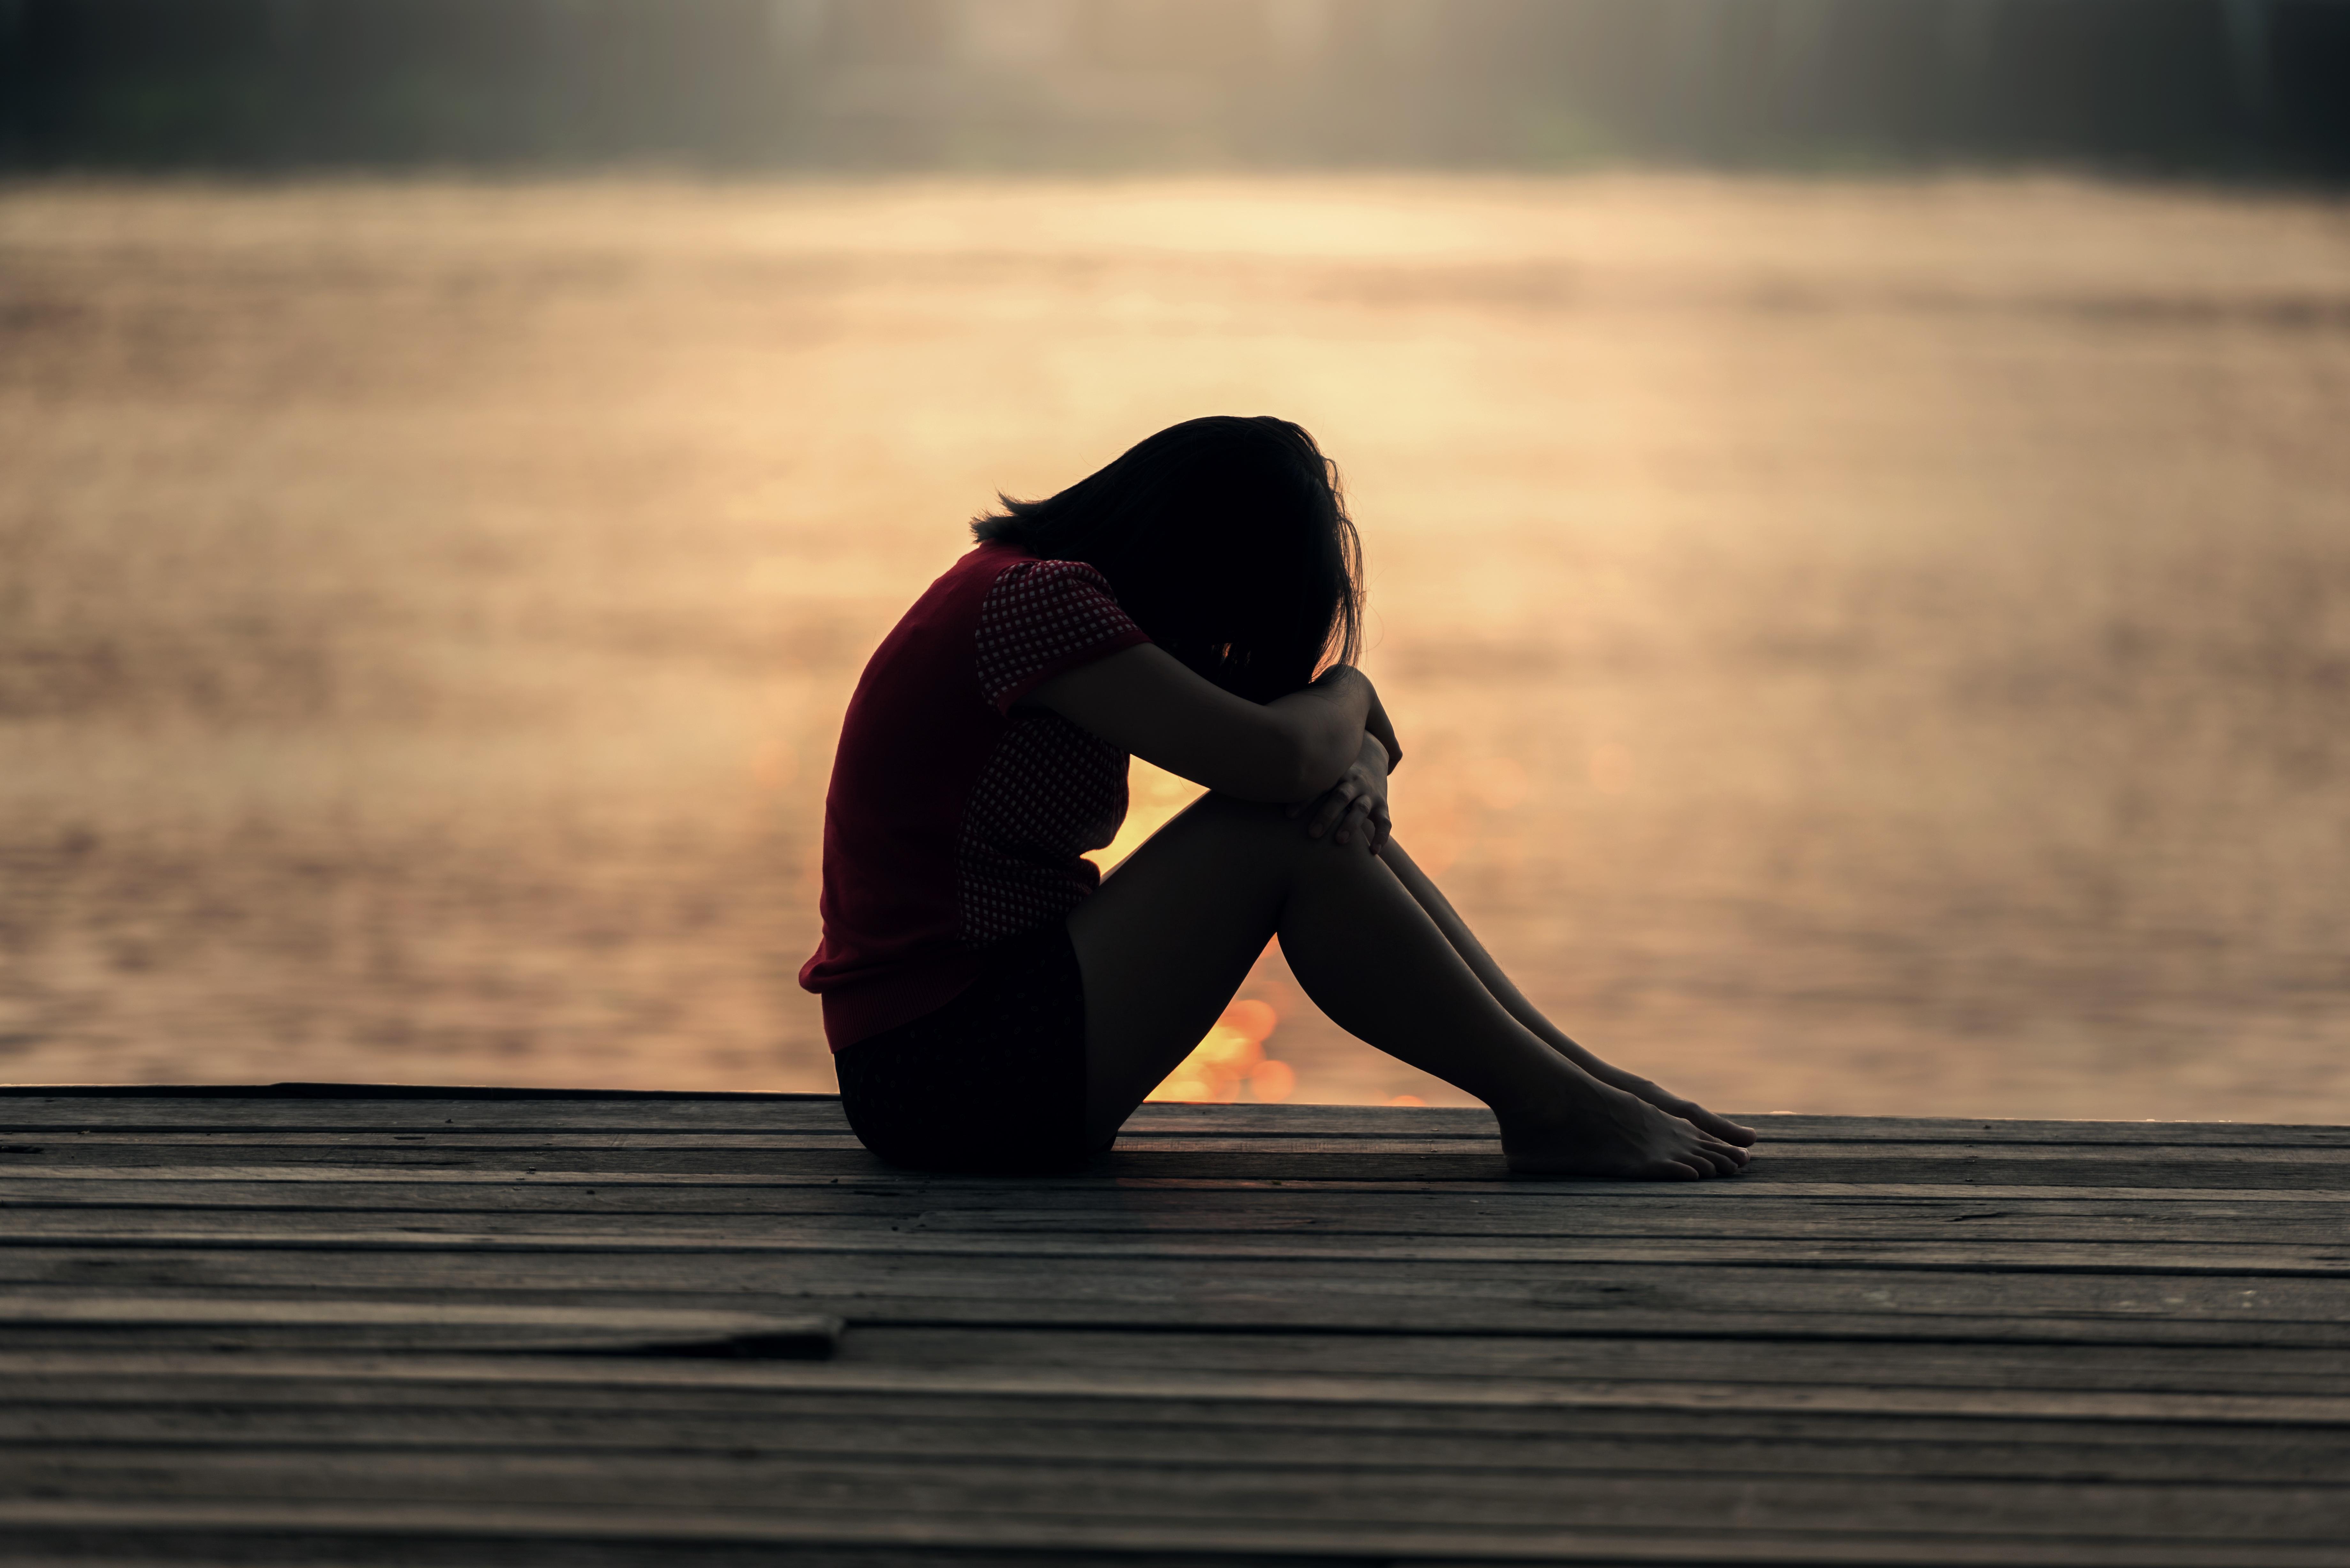 посещению порекомендую, фото о грусти и любви каким причинам, актер